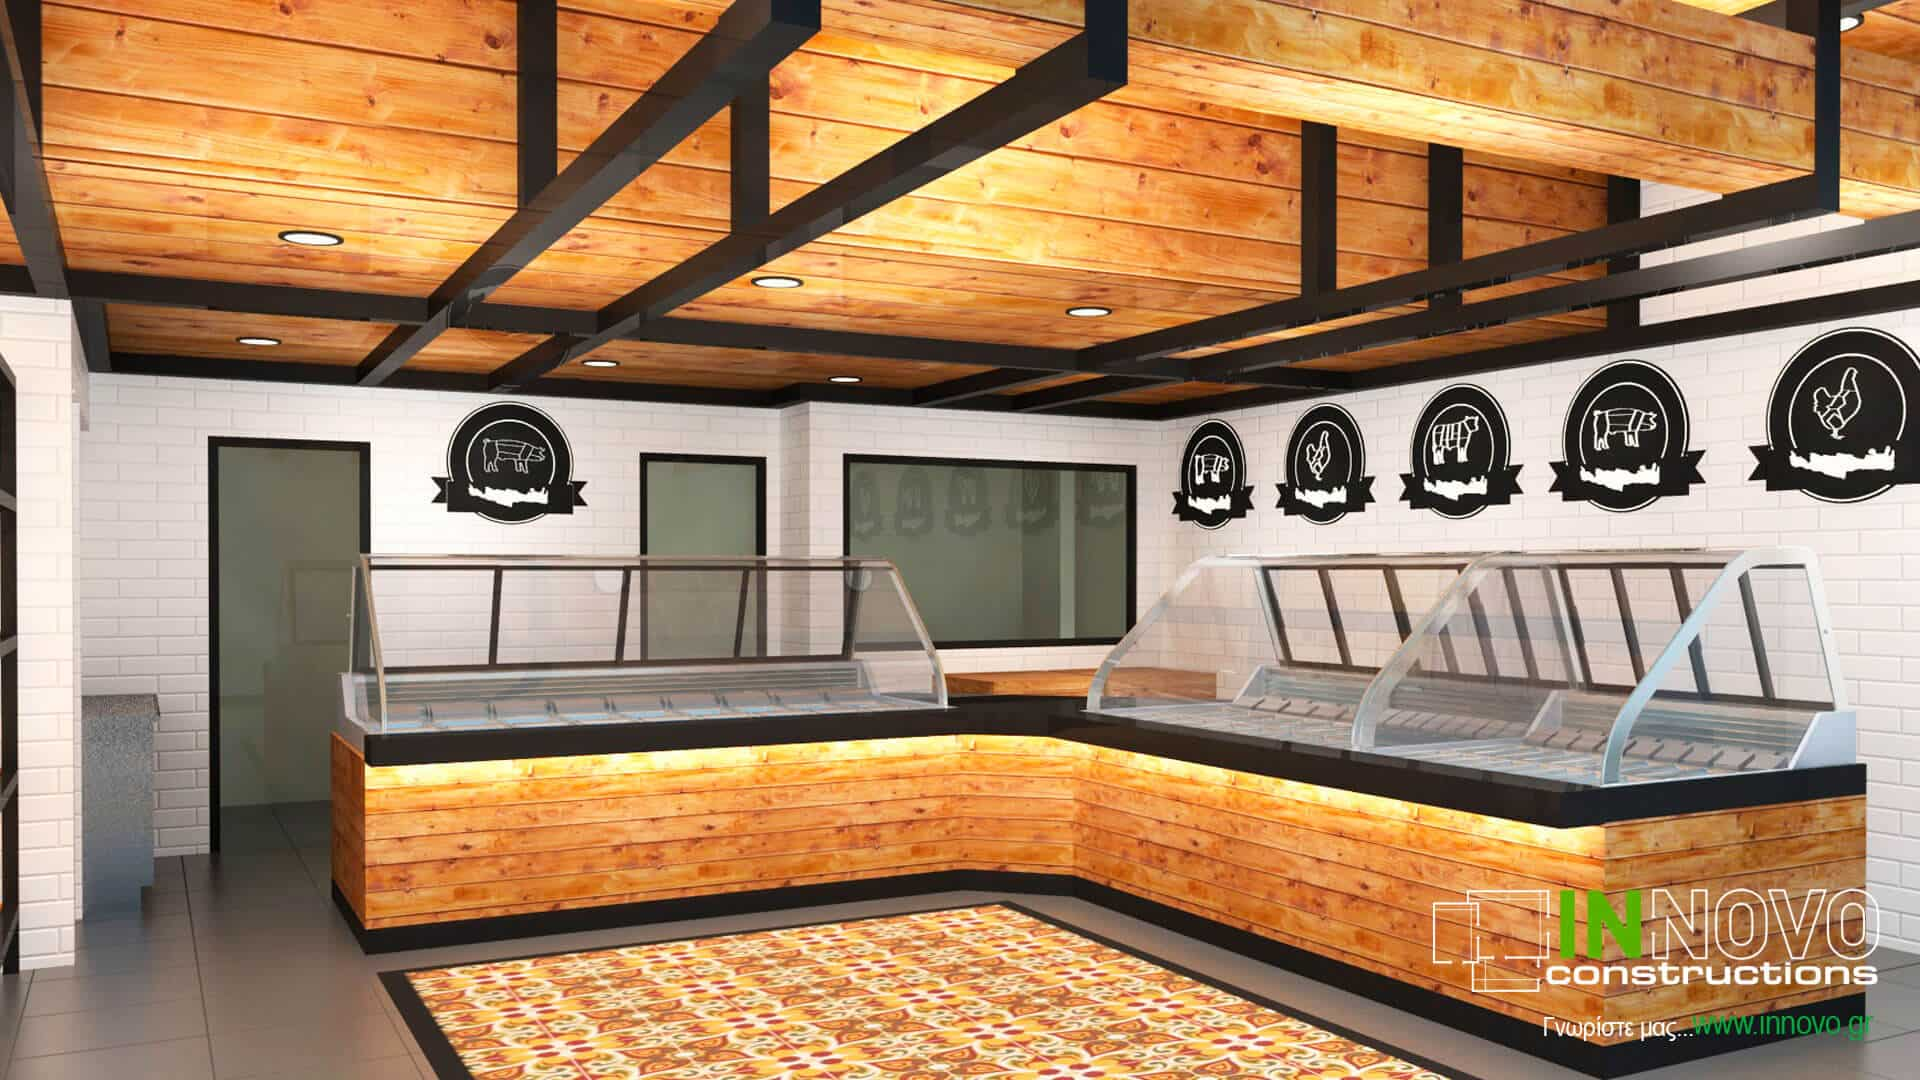 kataskevi-kreopoleiou-butcher-shop-construction-kreopoleio-ag.-anargyroi-1850-2